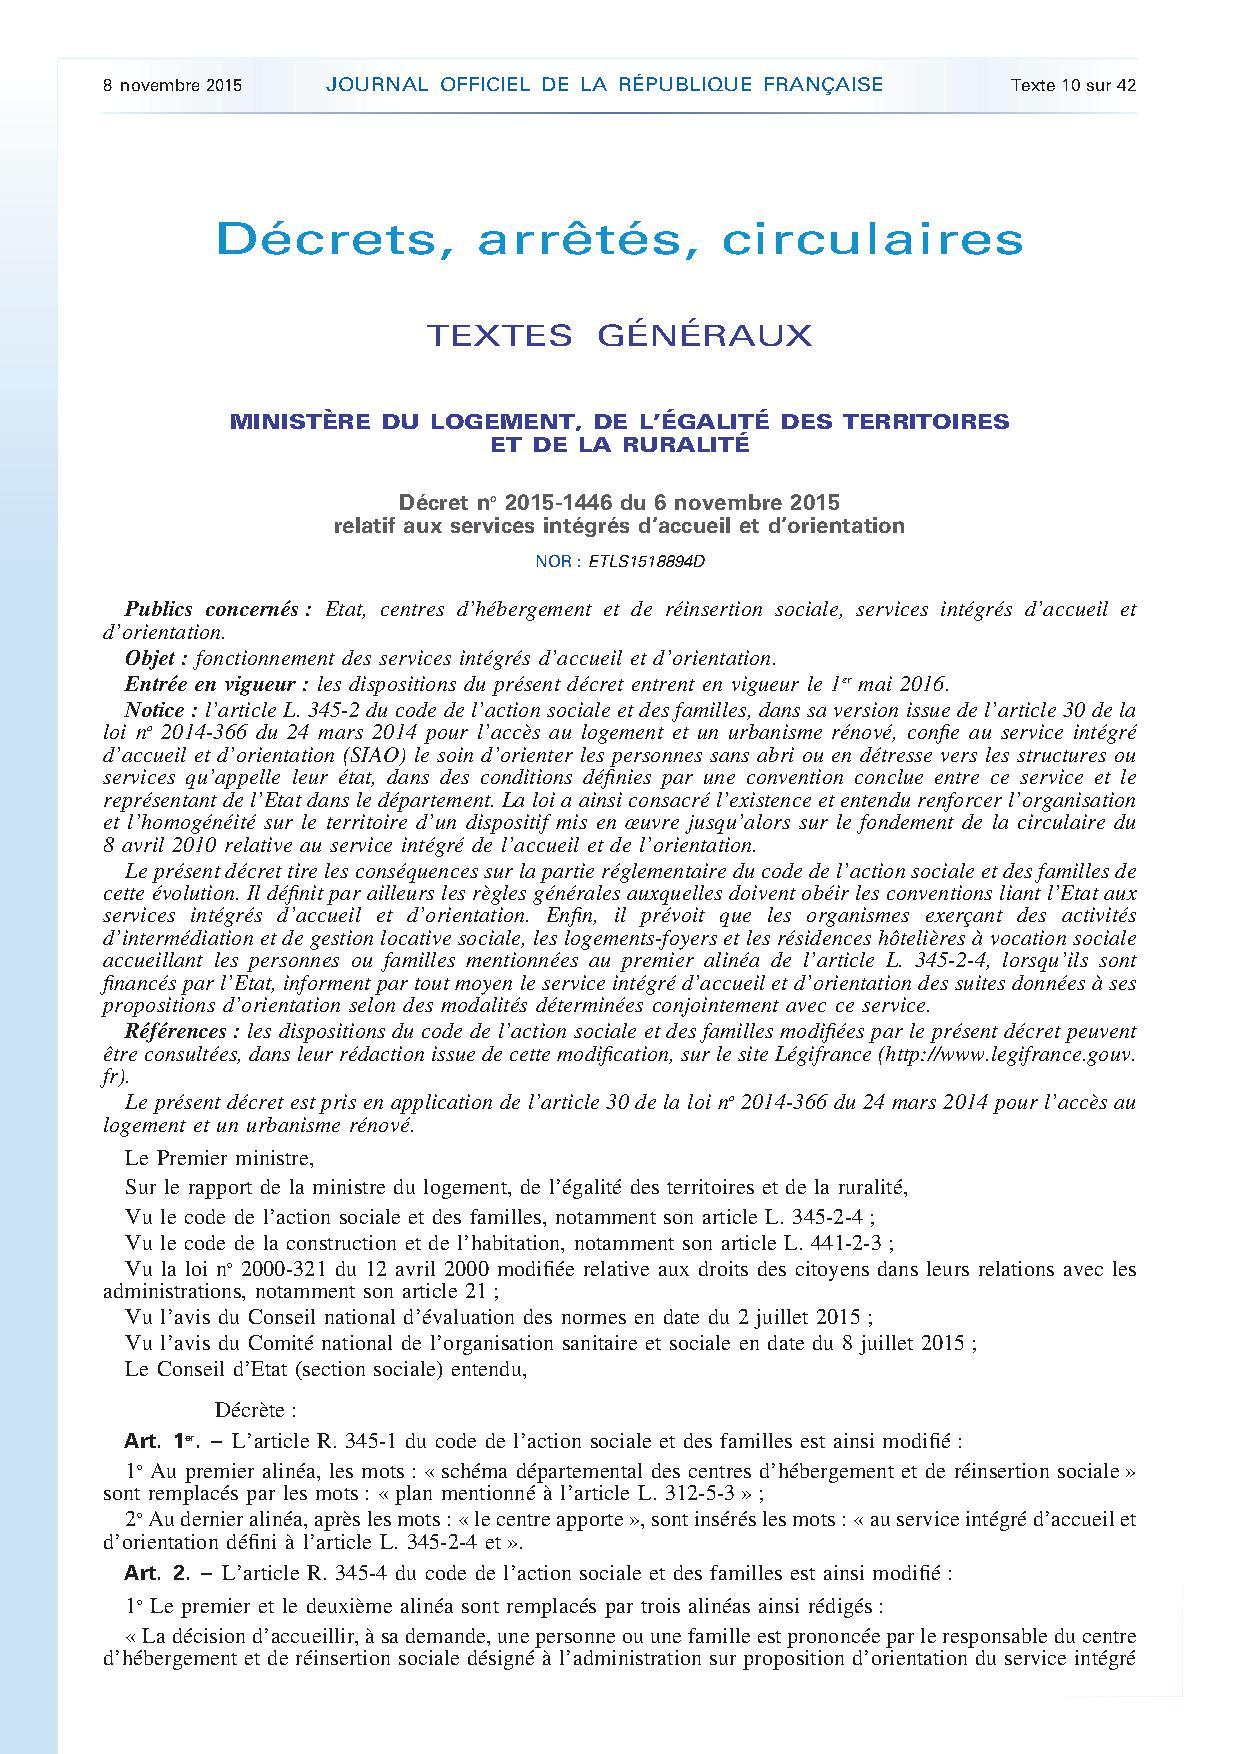 Journal officiel de la République française - N° 260 du 8 novembre 2015